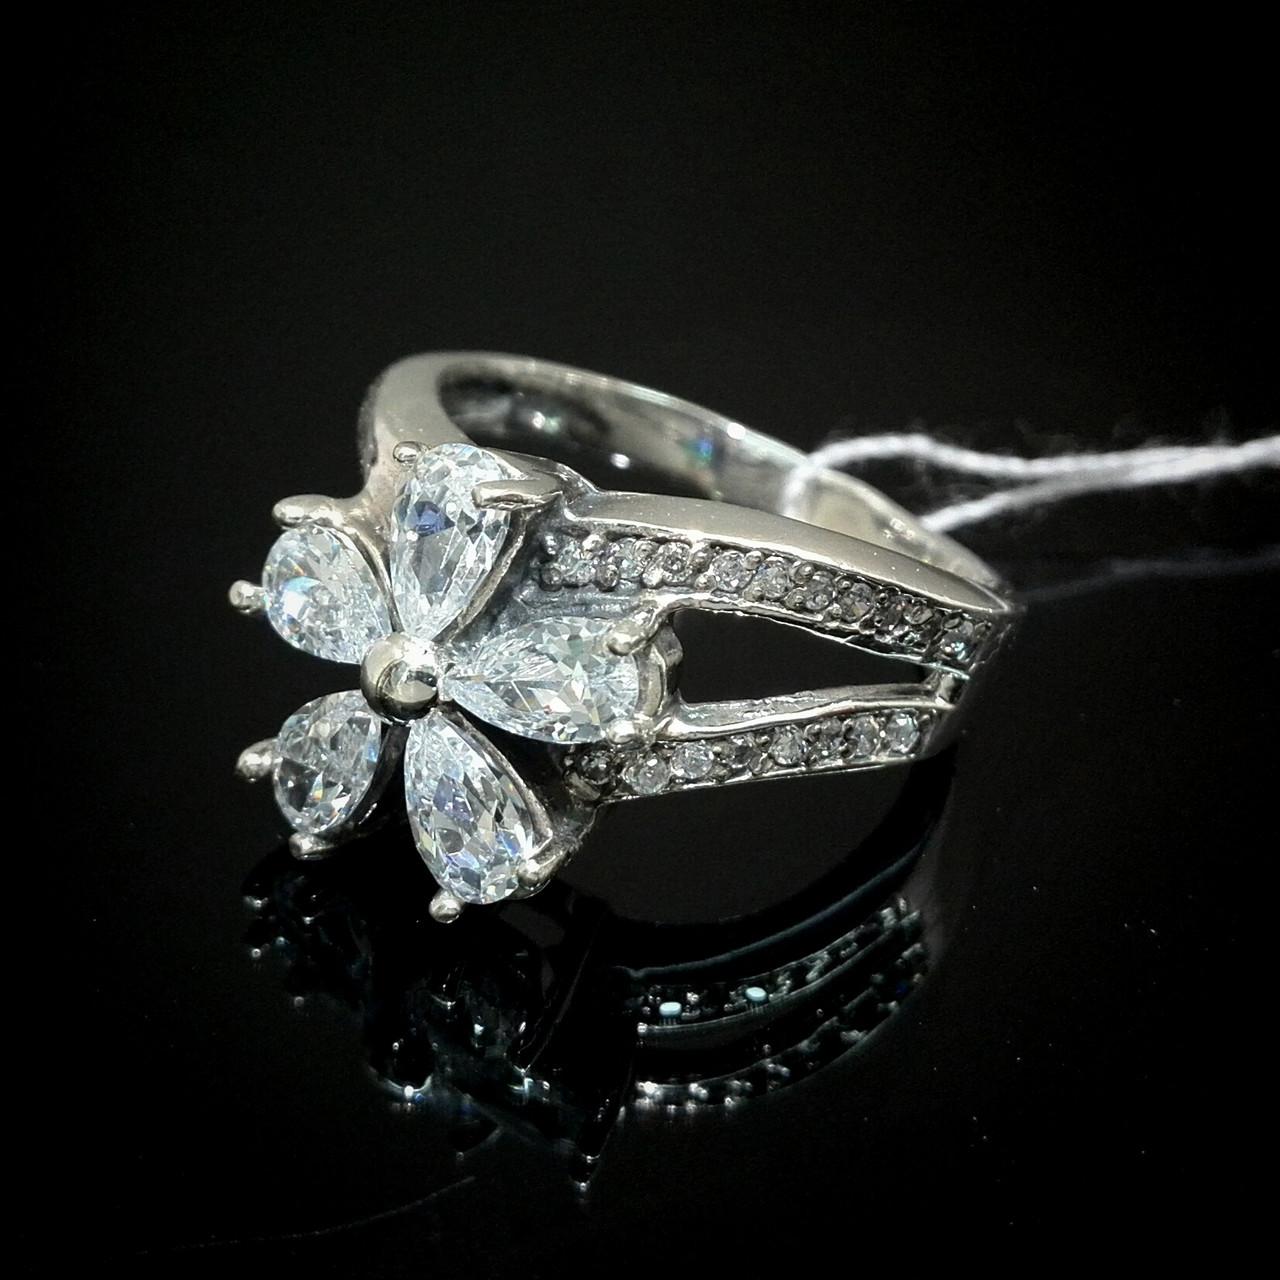 Шикарне срібне кільце у вигляді квітки зі вставками з прозорого фіанітів